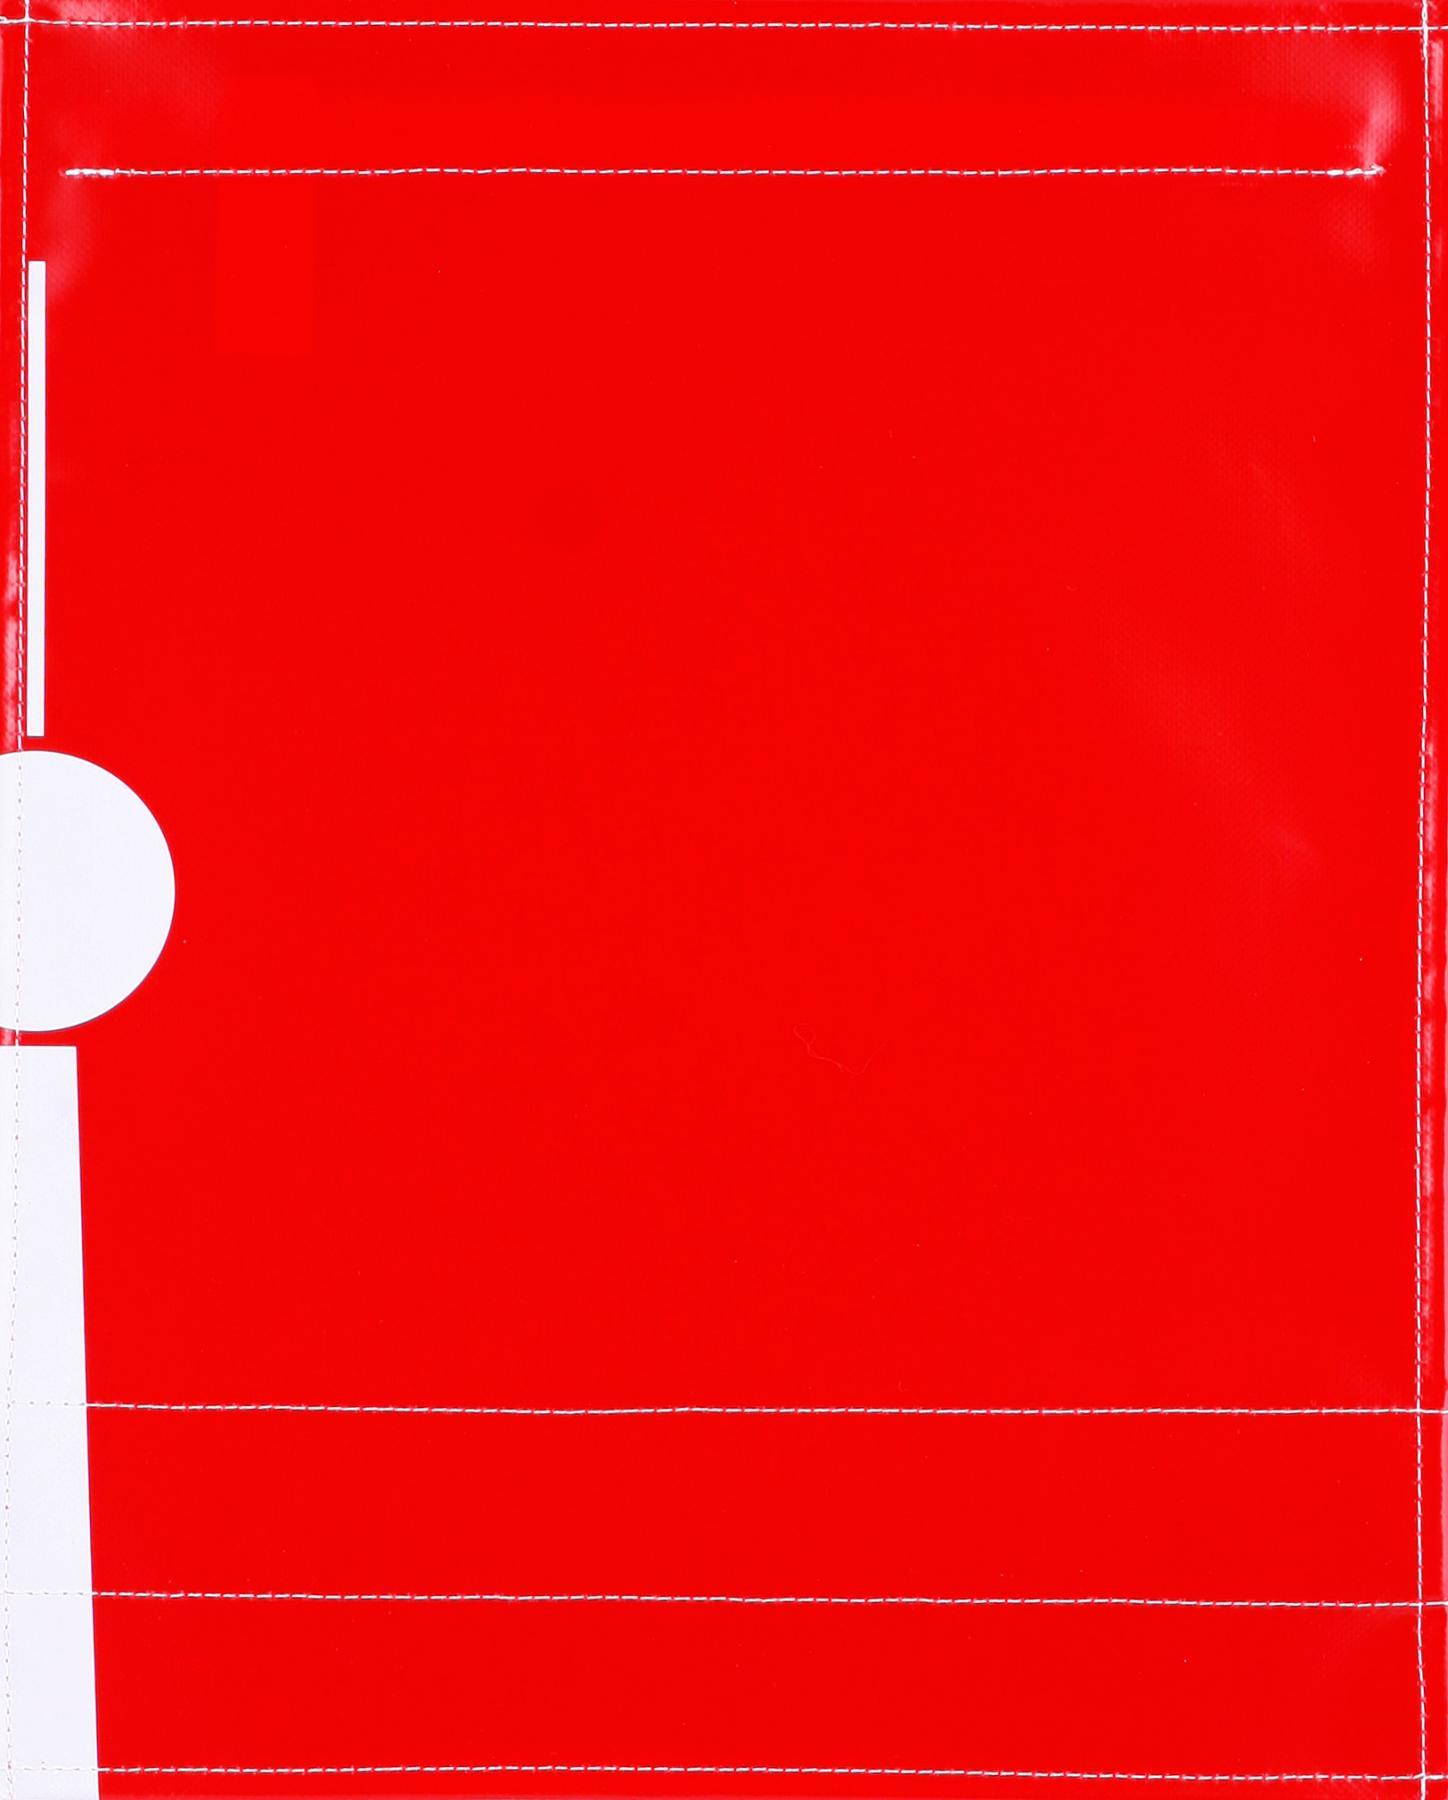 Fernsehturm rot/weiß (groß)